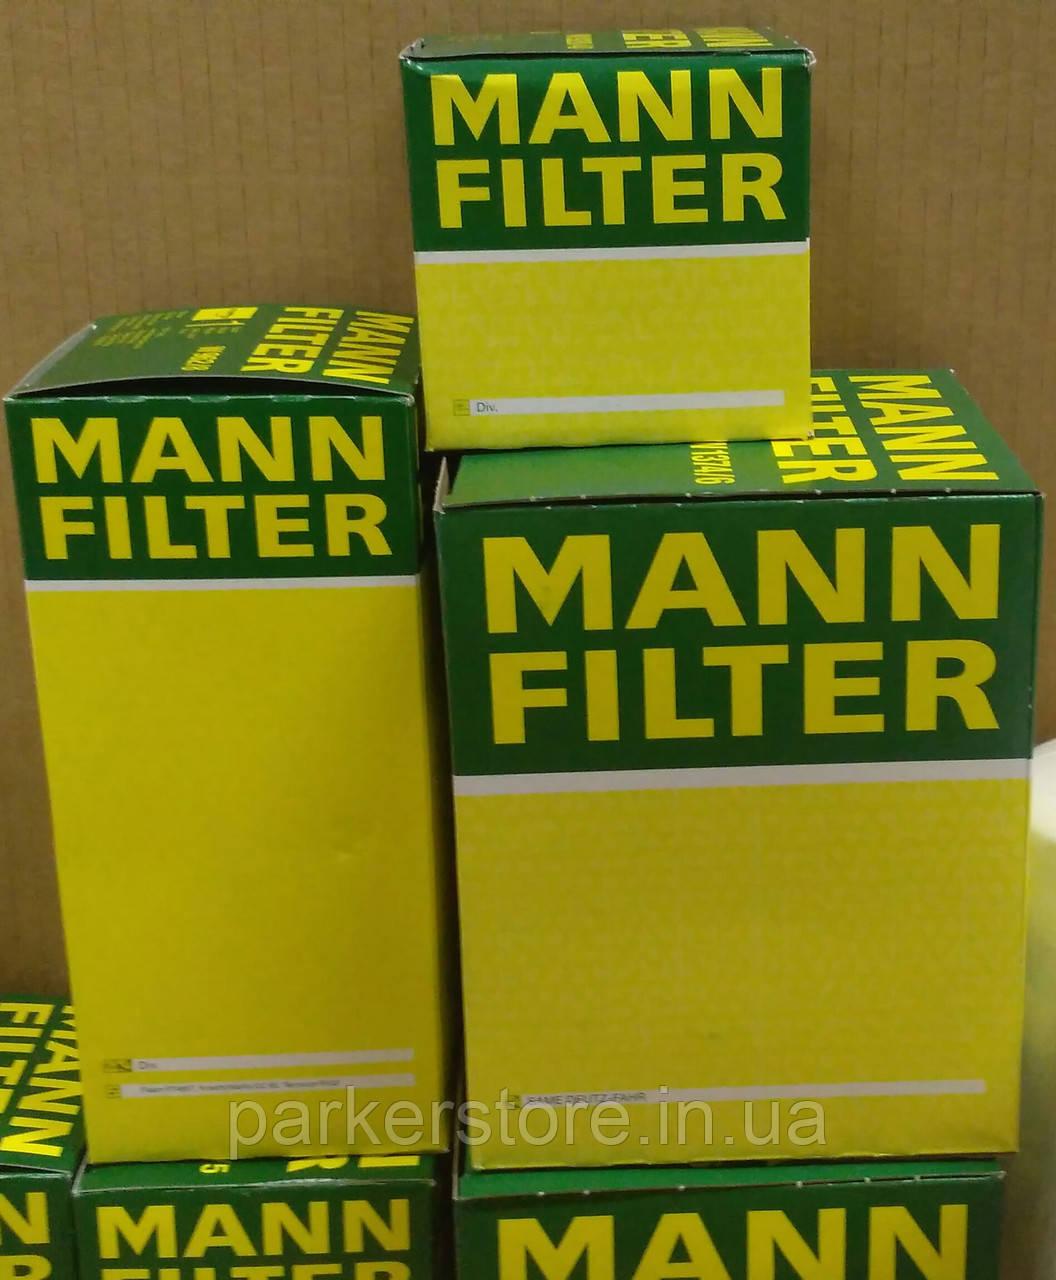 MANN FILTER / Воздушный фильтр / C 25 109 / C25109